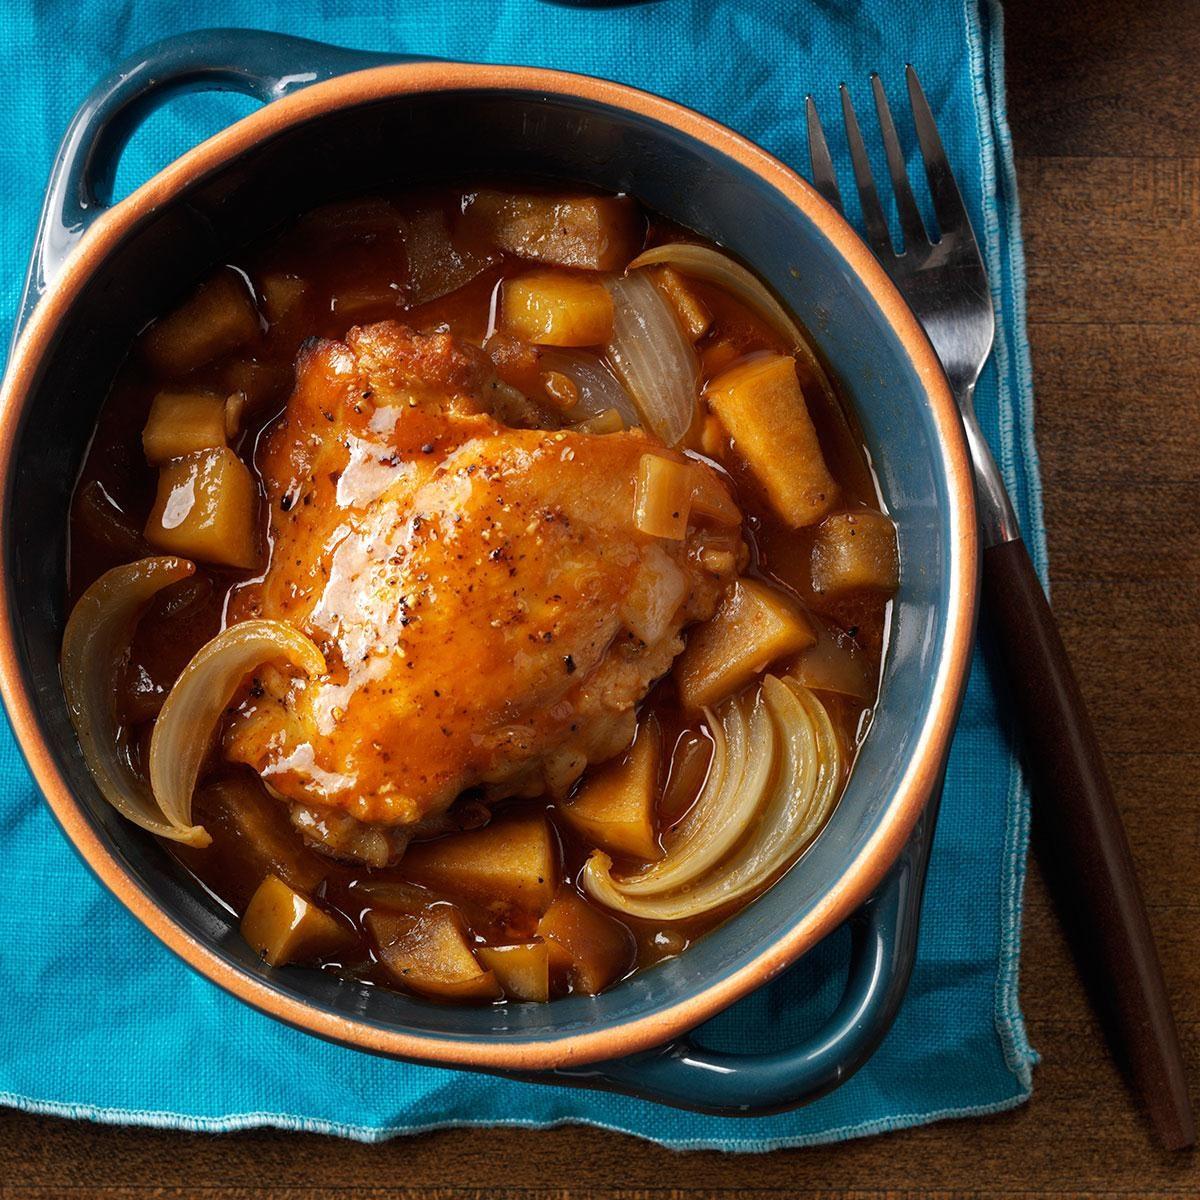 Day 9: Autumn Apple Chicken